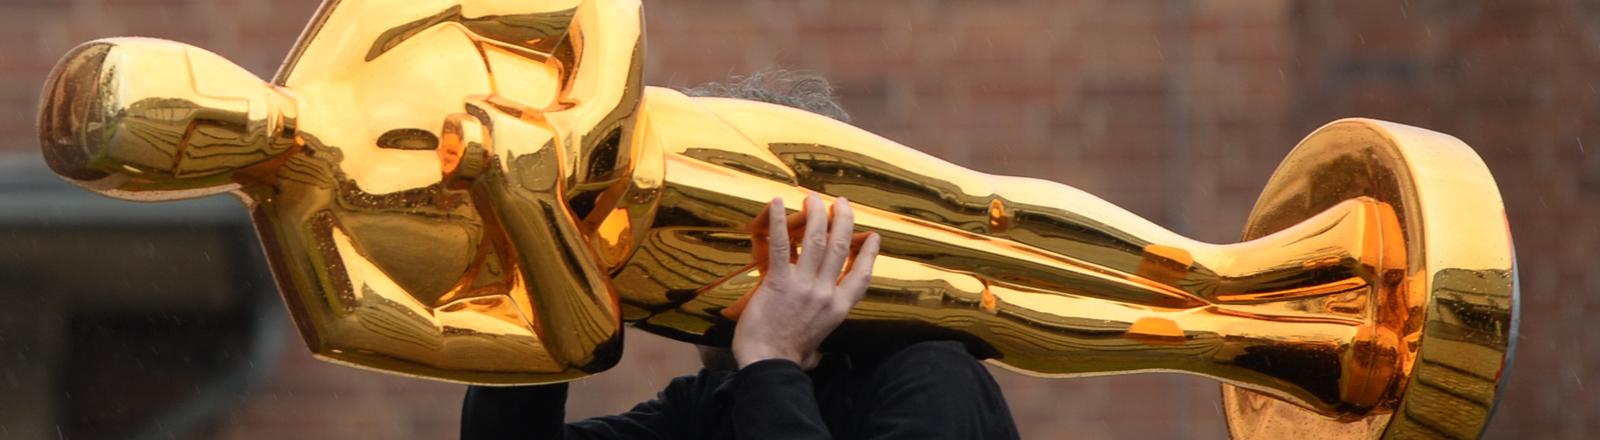 Eine lebensgroße Oscar-Statue wird von jemandem auf den Schultern durch die Gegend getragen